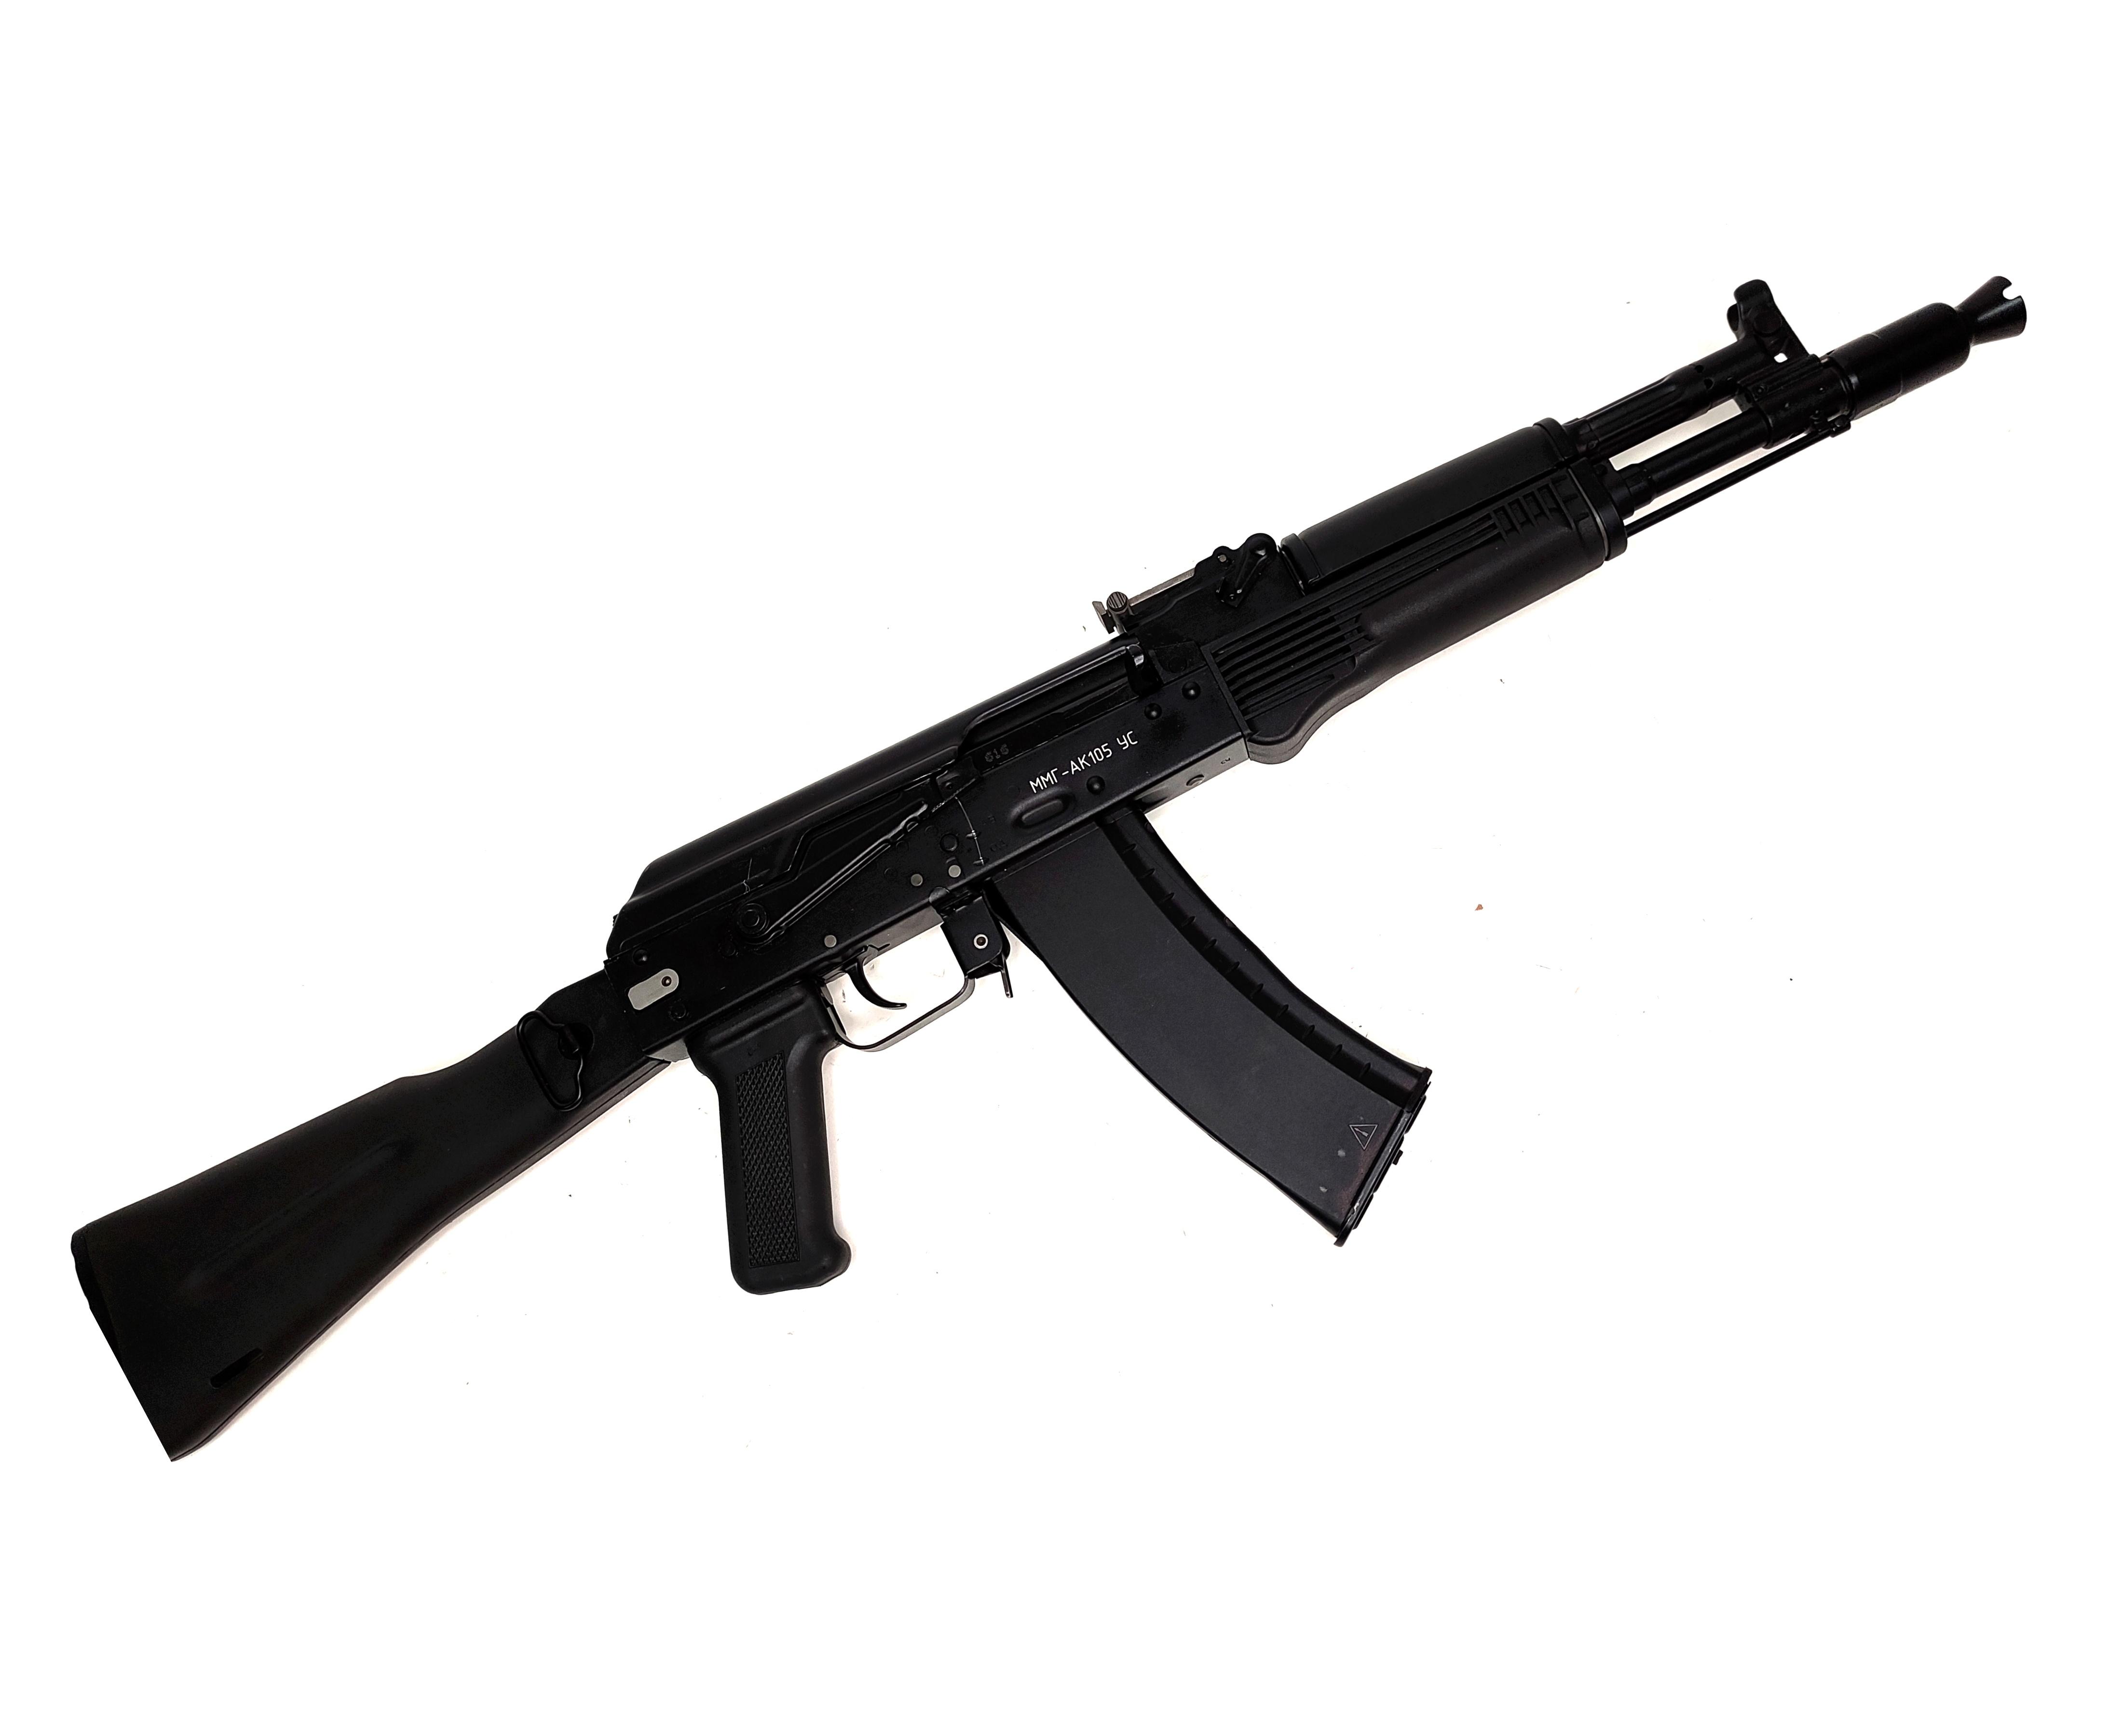  Уценка  ММГ учебный автомат Калашникова АК-105 (складной приклад) (№ ММГ-АК105-183-уц)